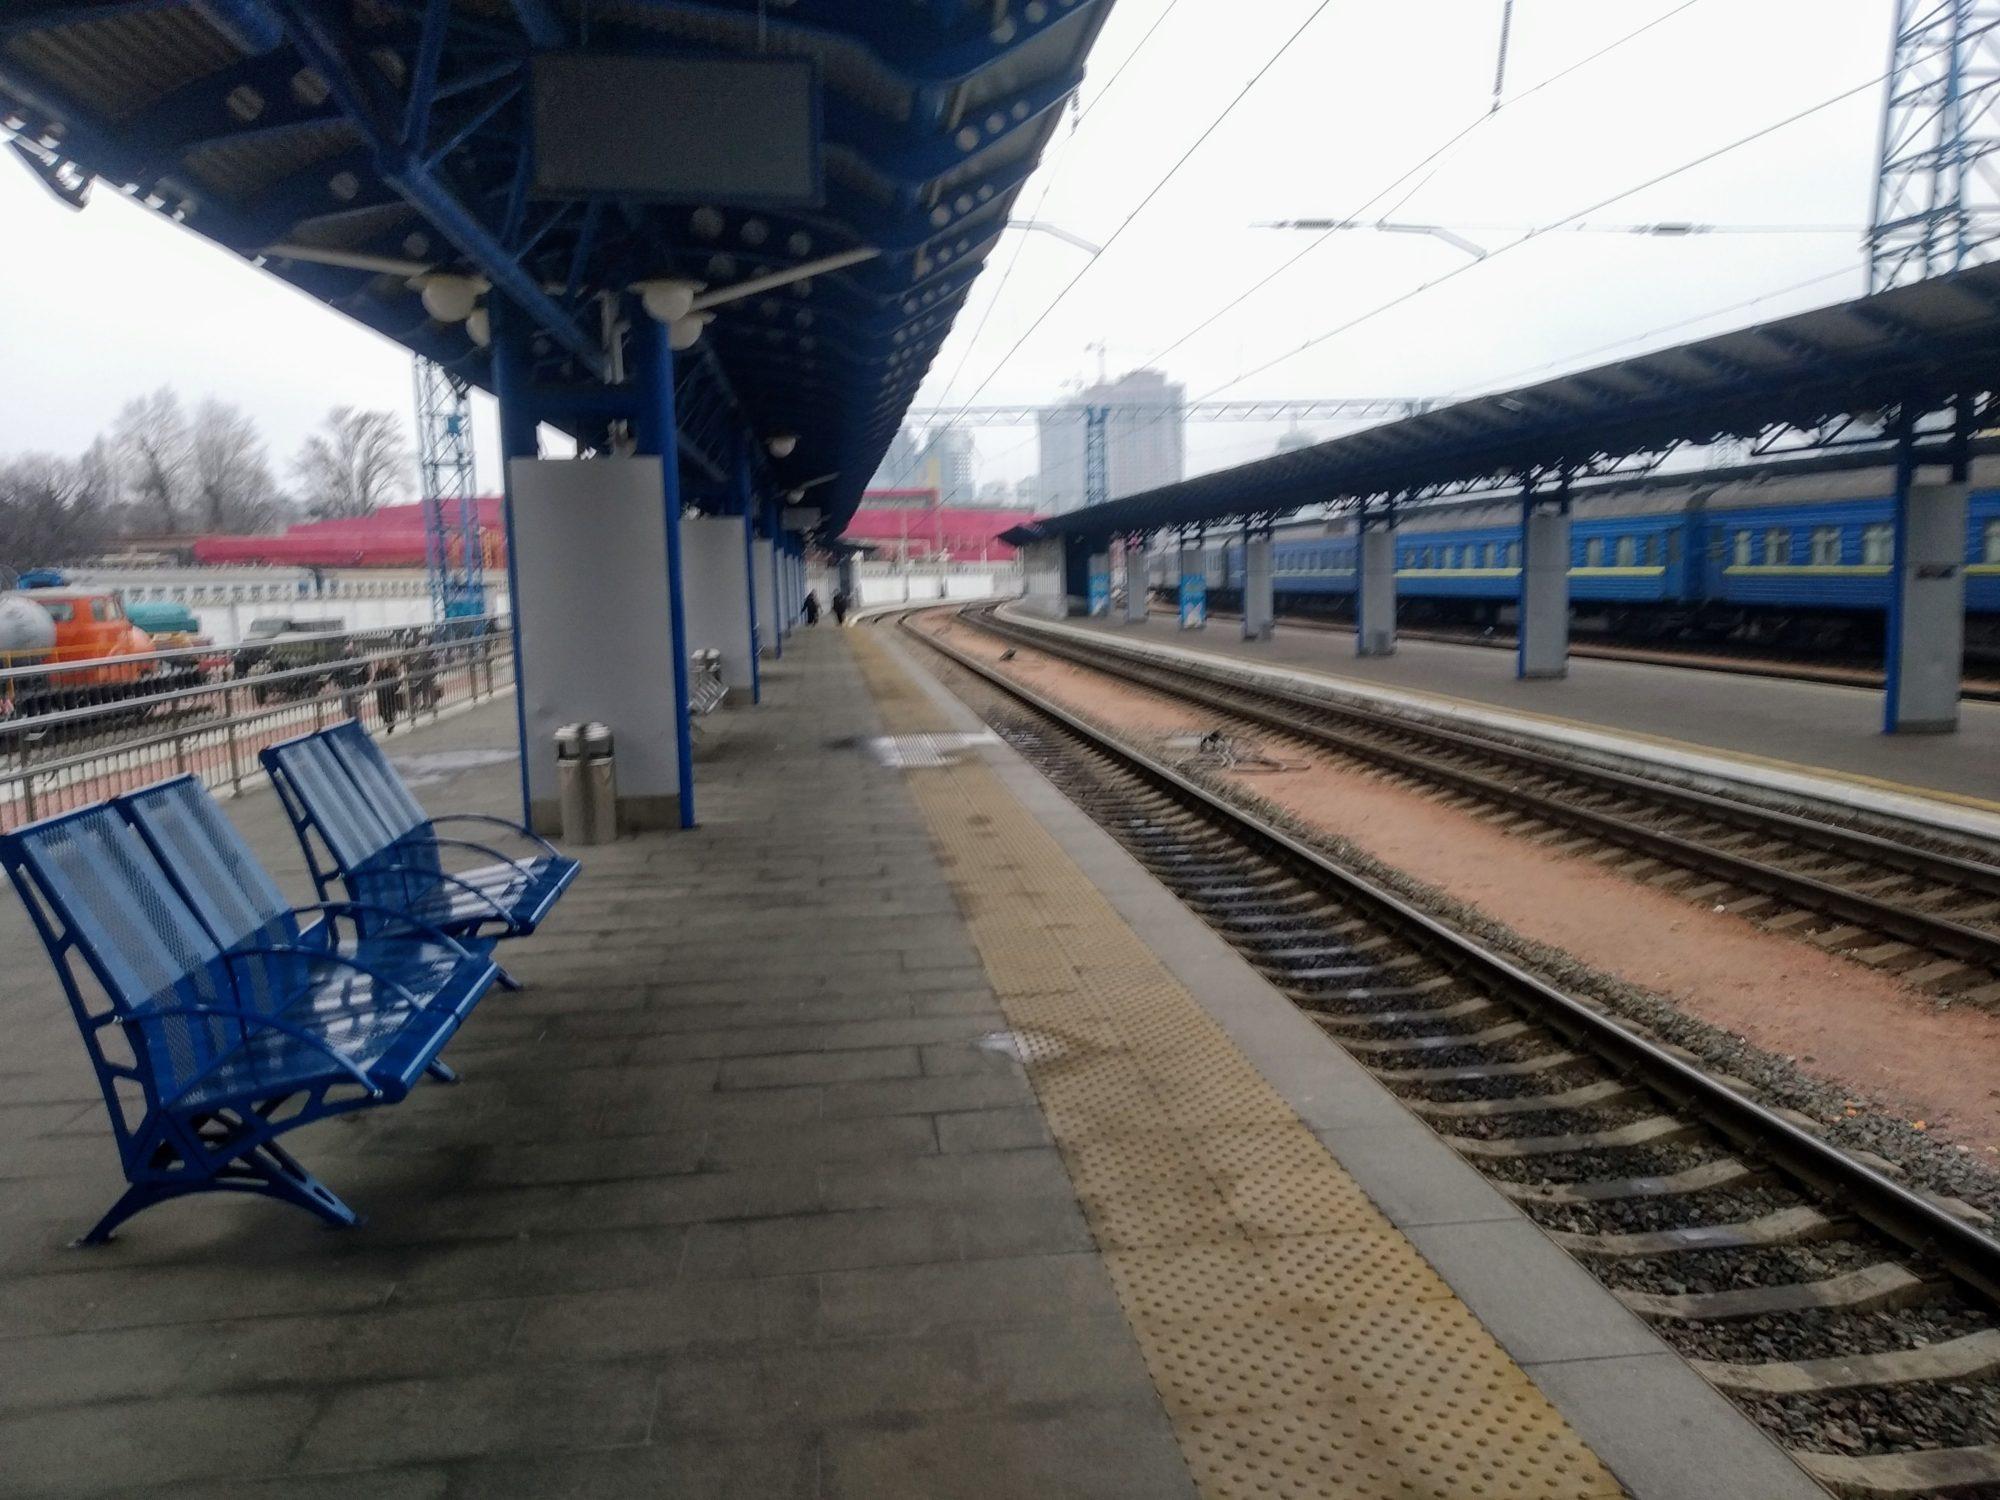 Україна припиняє міжнародні пасажирські залізничні перевезення до завершення карантину - перевезення - IMG 20200215 1516033 2000x1500